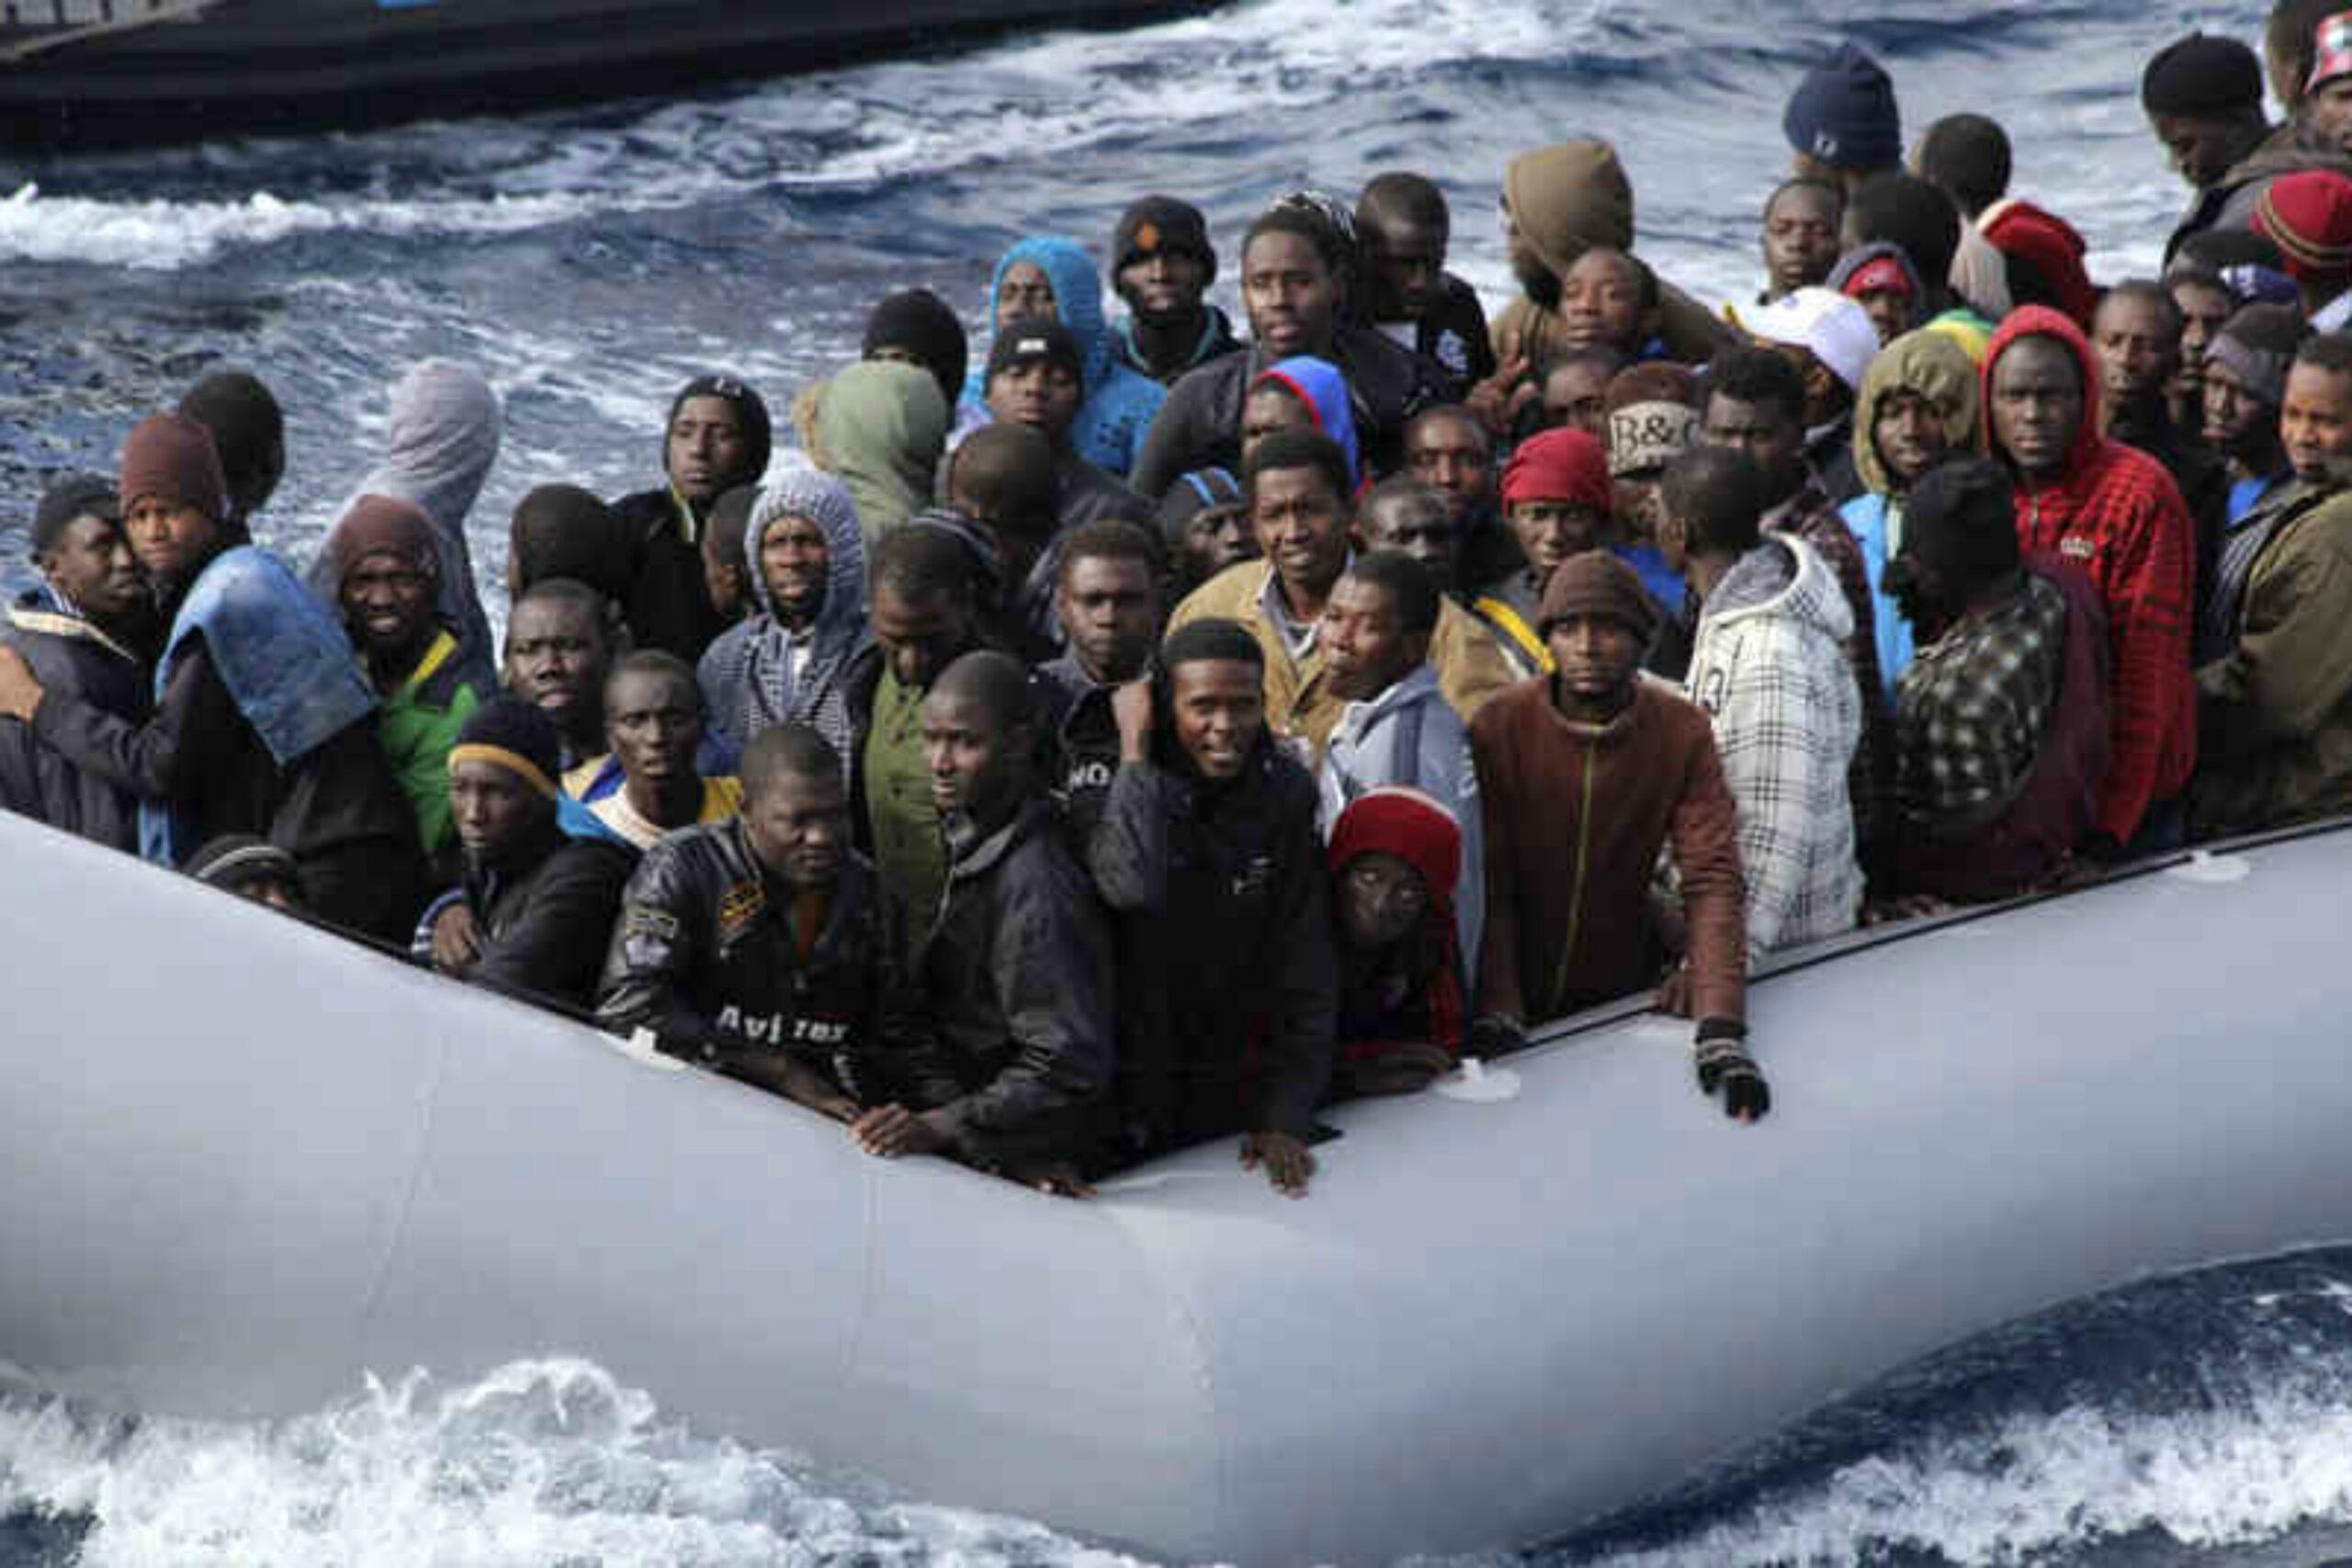 Dalších 180 džihádistů přistálo včera na Lampeduse (video)